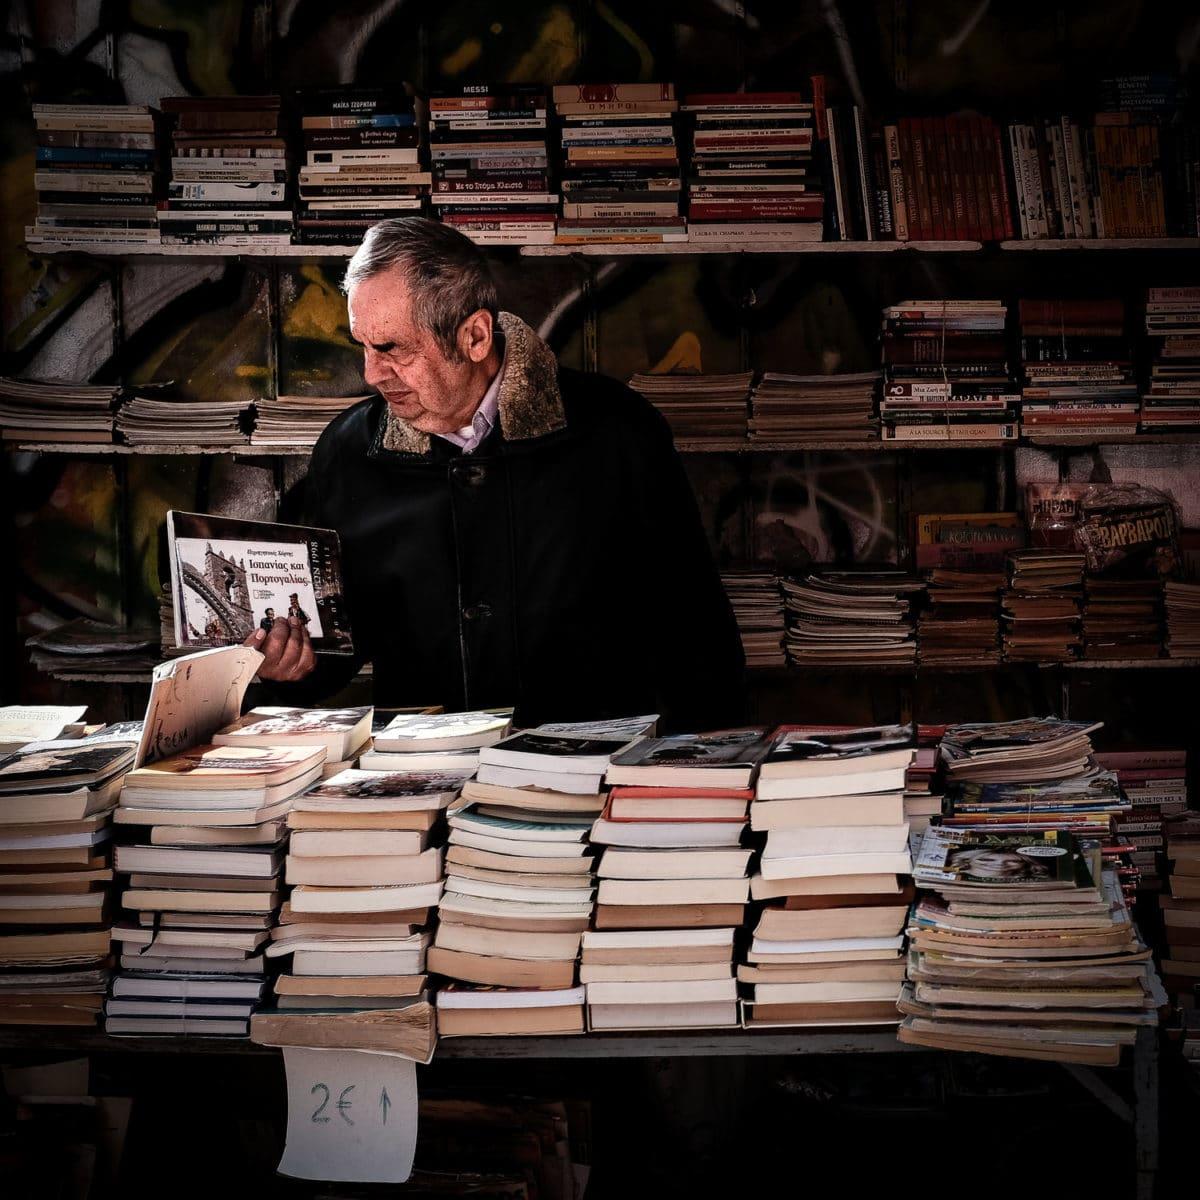 vanha mies lukee kirjaa